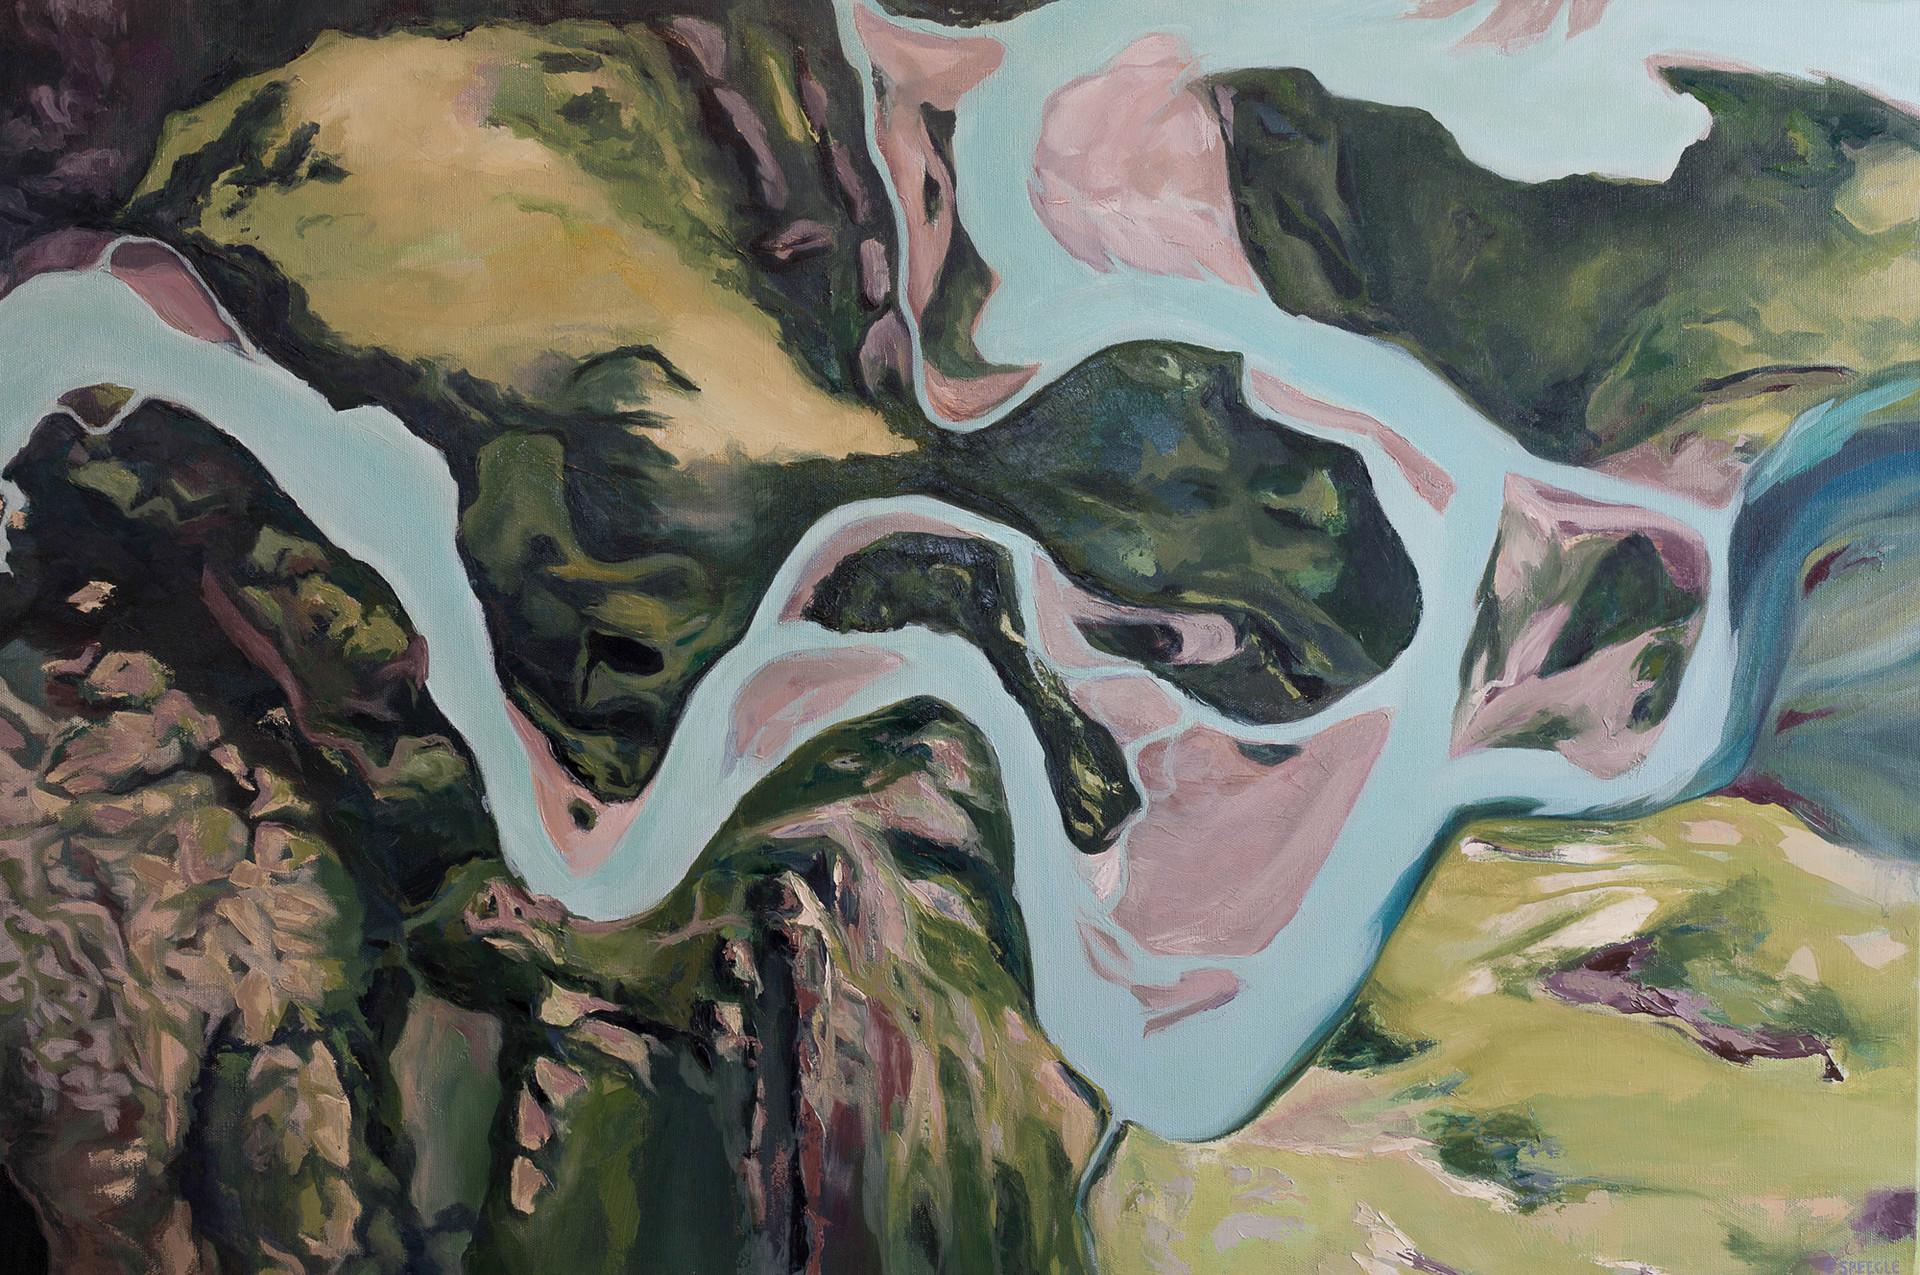 Where the Serrano River Meets the Rio Grey